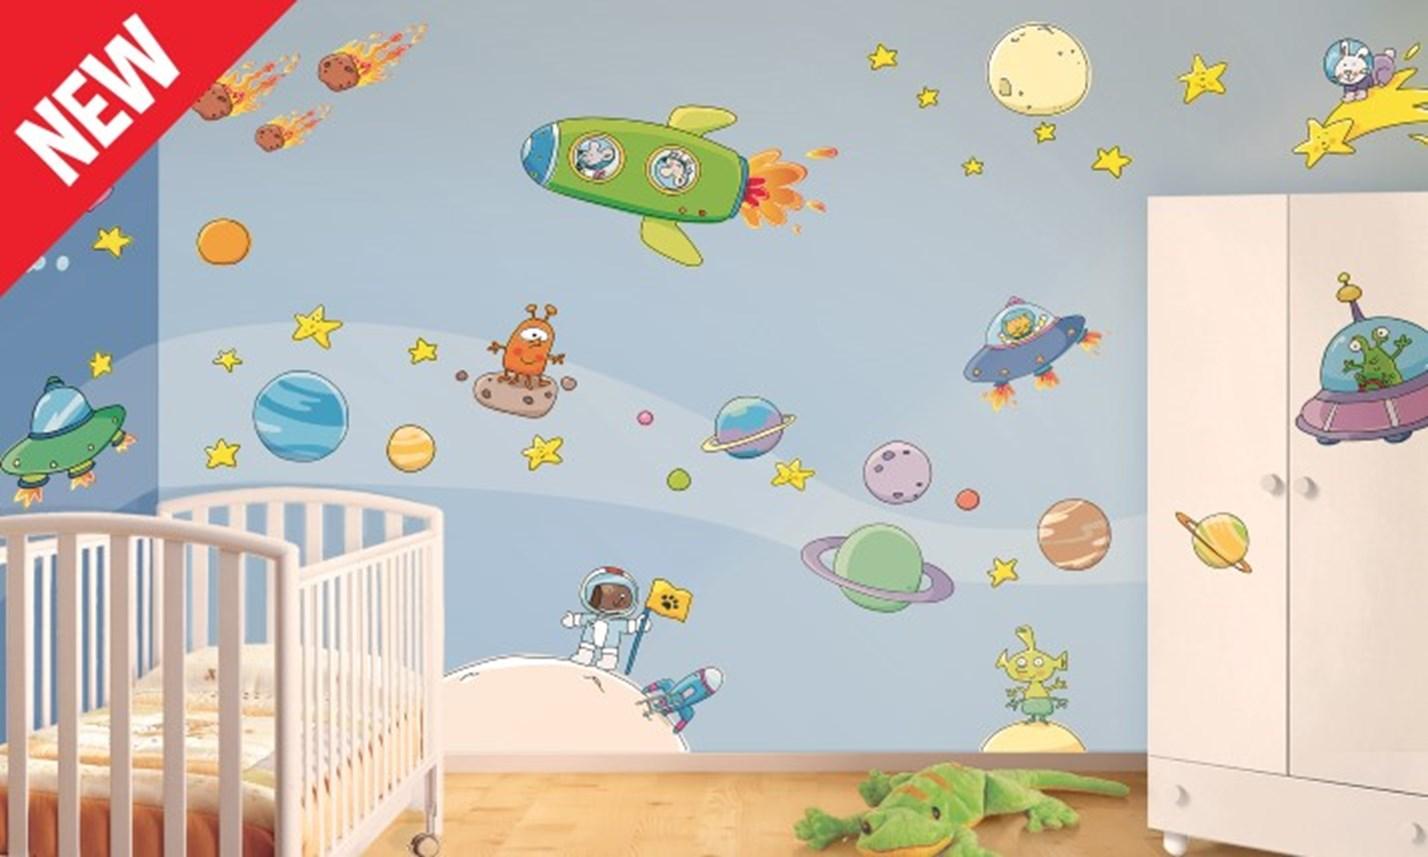 Stickers murali bambini cameretta viaggio nello spazio - Adesivi murali per camerette bimbi ...